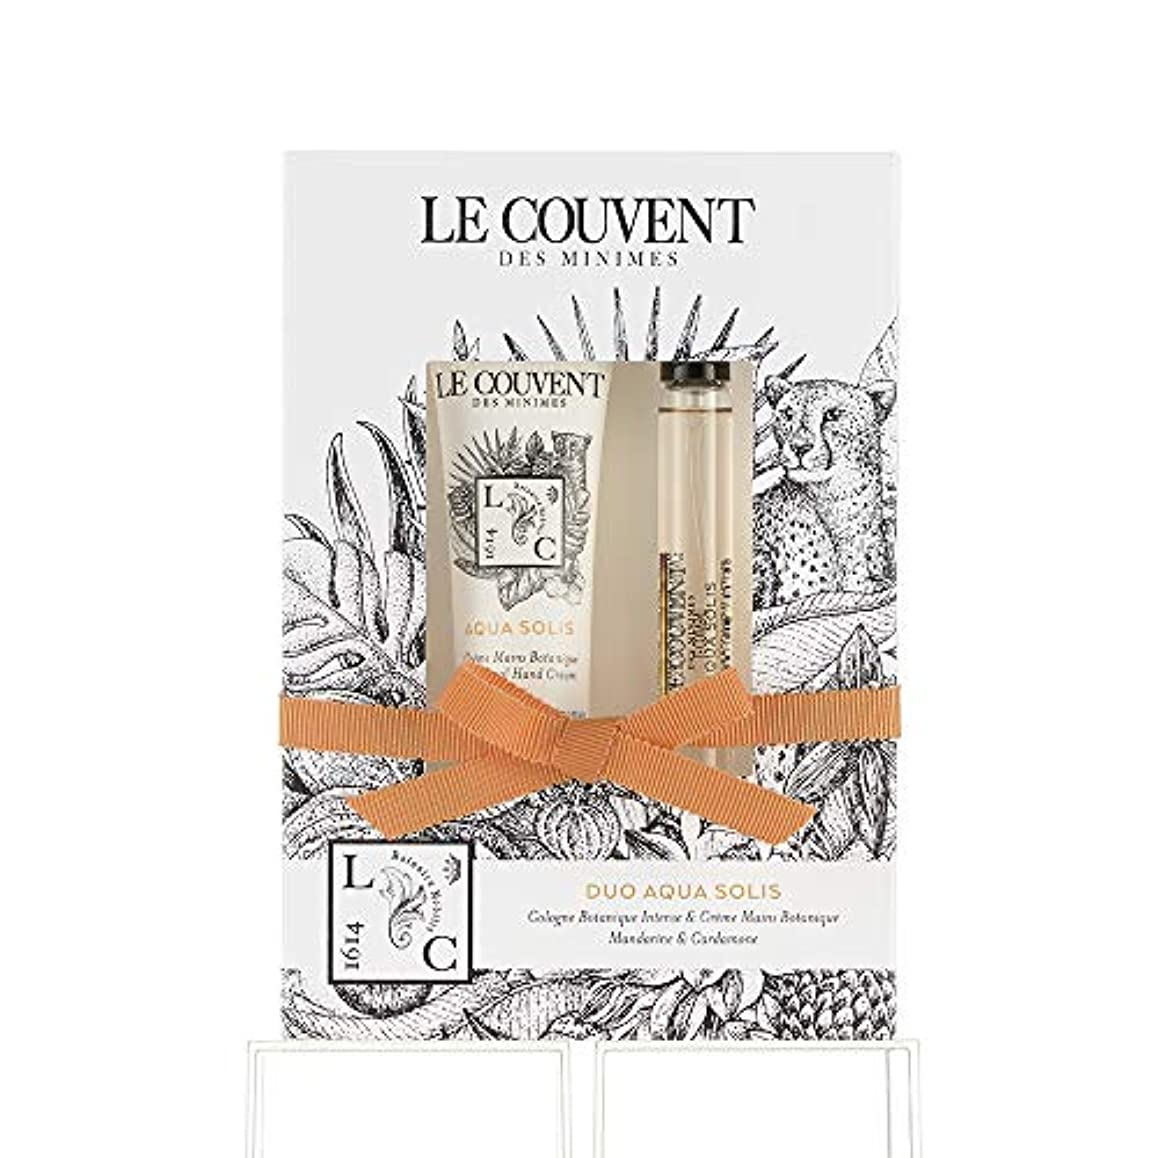 法王整然とした間に合わせクヴォン・デ・ミニム(Le Couvent des Minimes) ボタニカルデュオ ボタニカルコロン アクアソリス10mL×1、アクアソリス ハンドクリーム30g×1